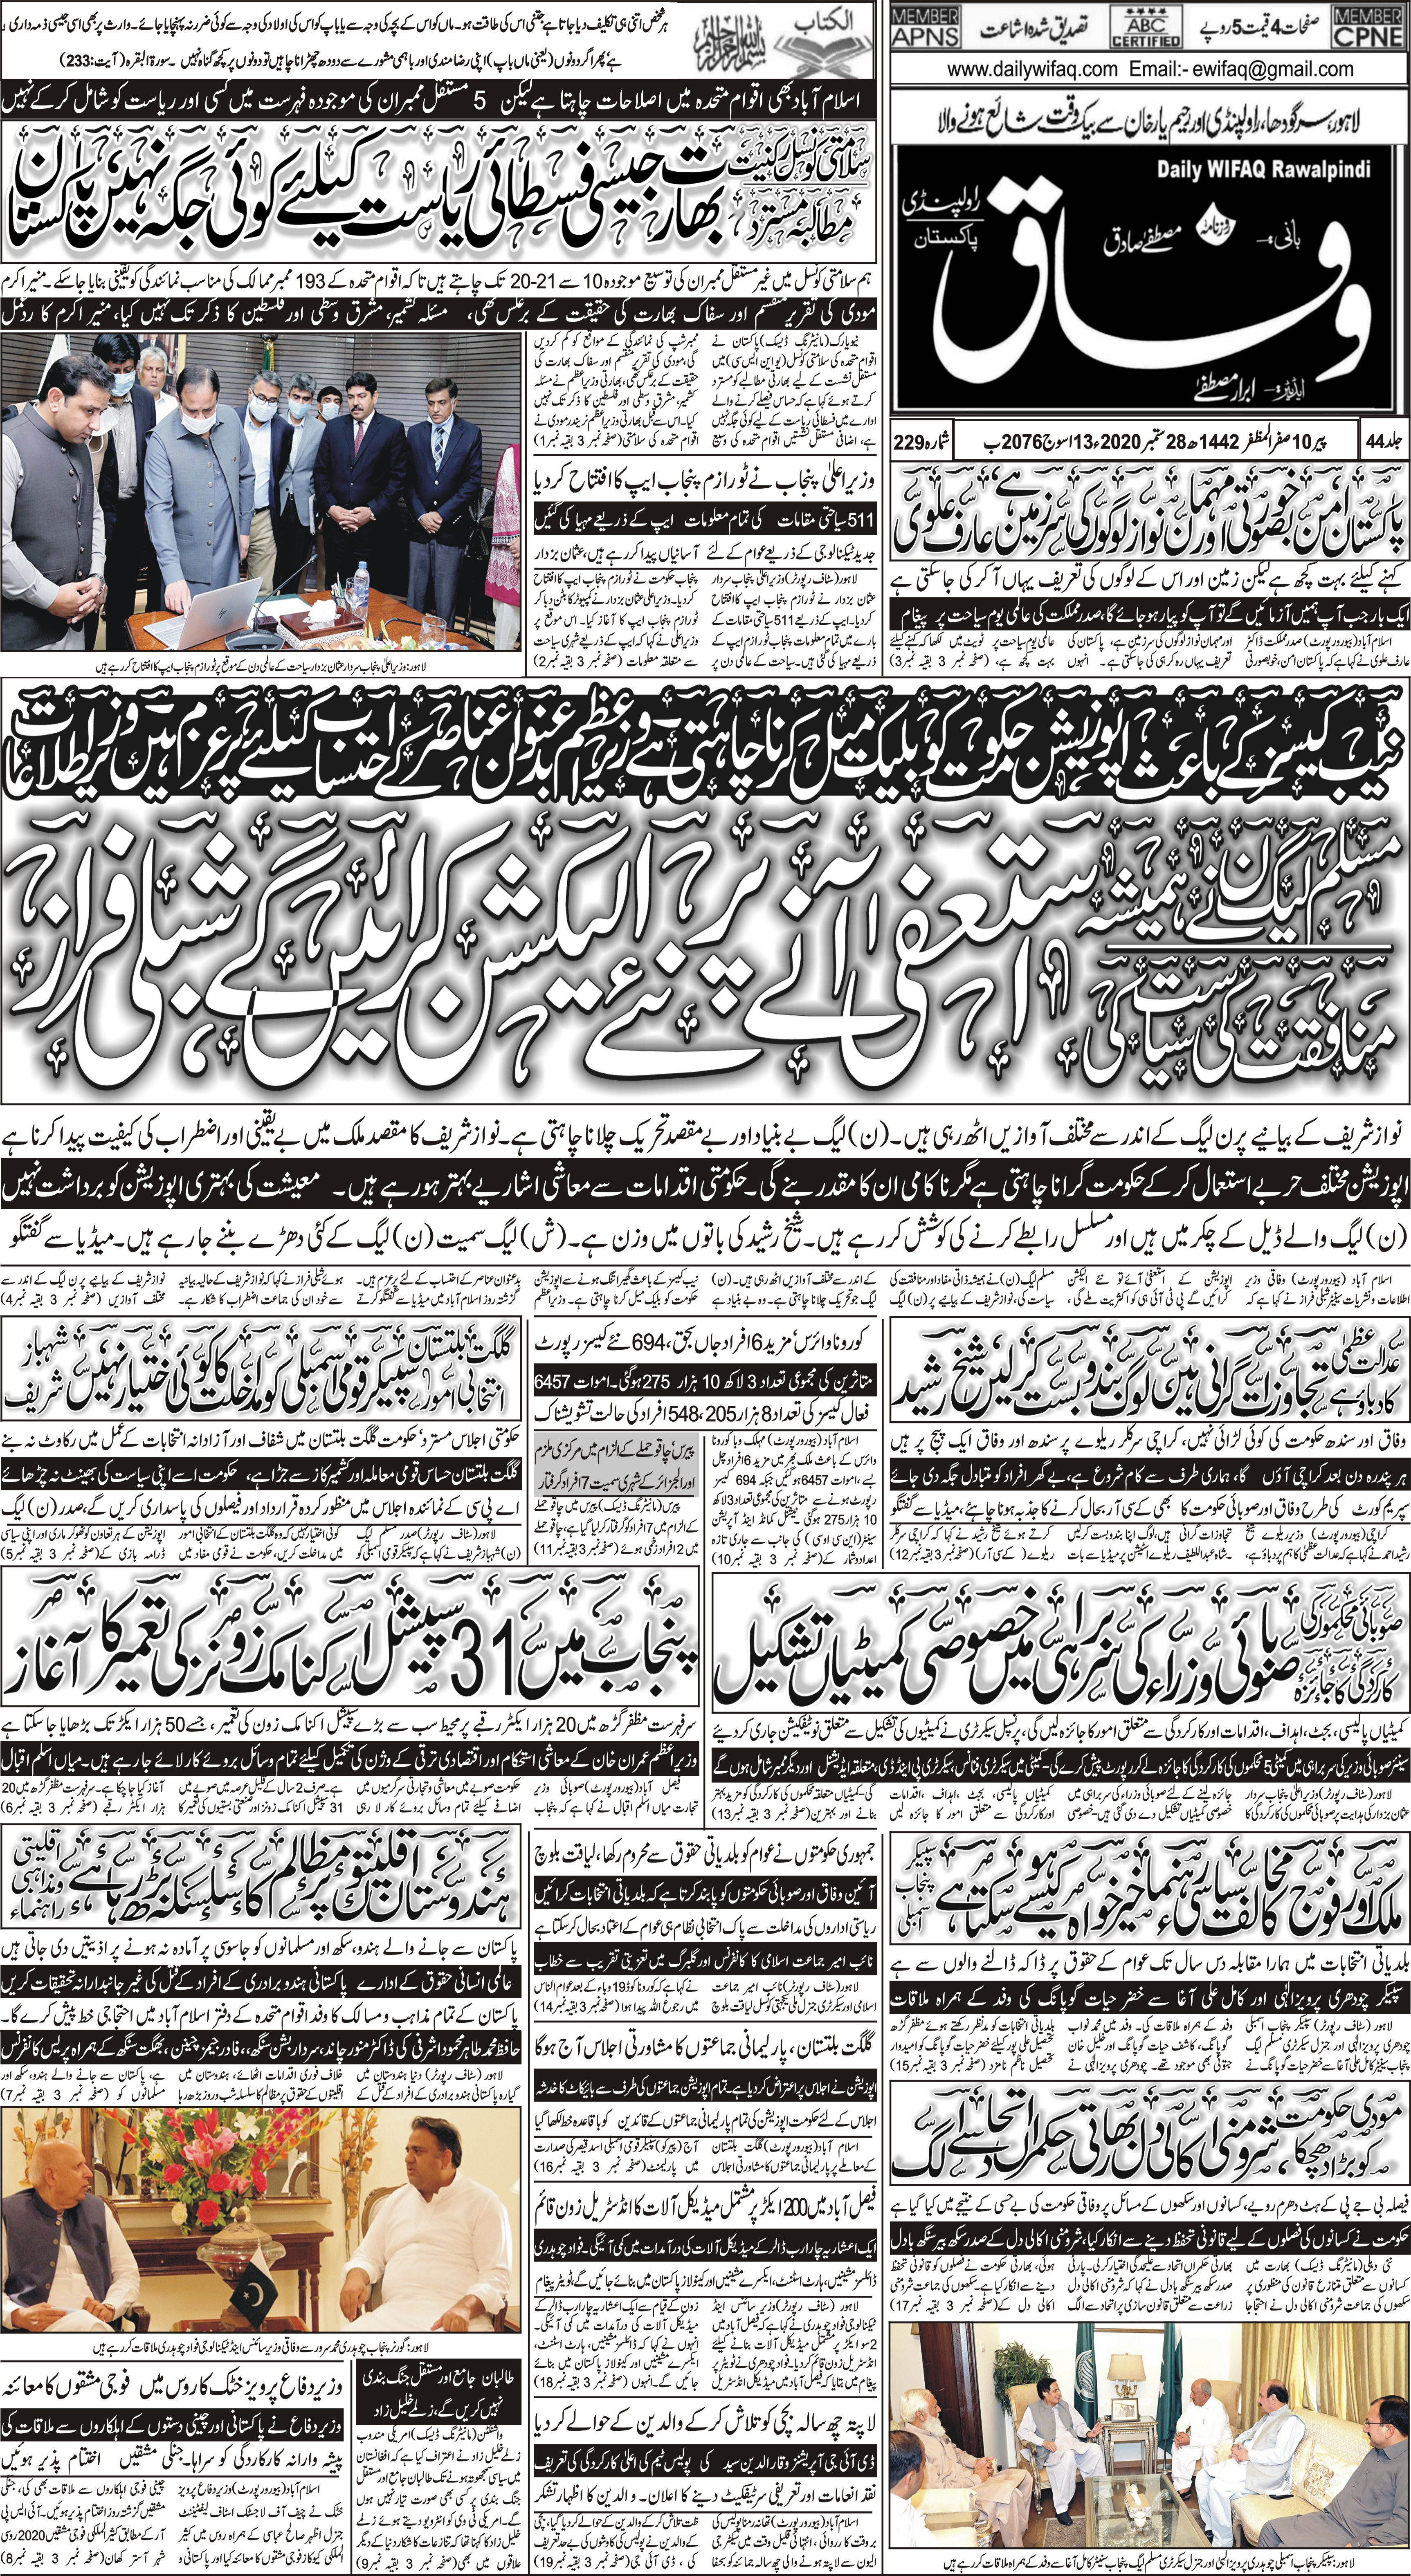 e-Paper – Daily Wifaq – Rawalpindi – 28-09-2020